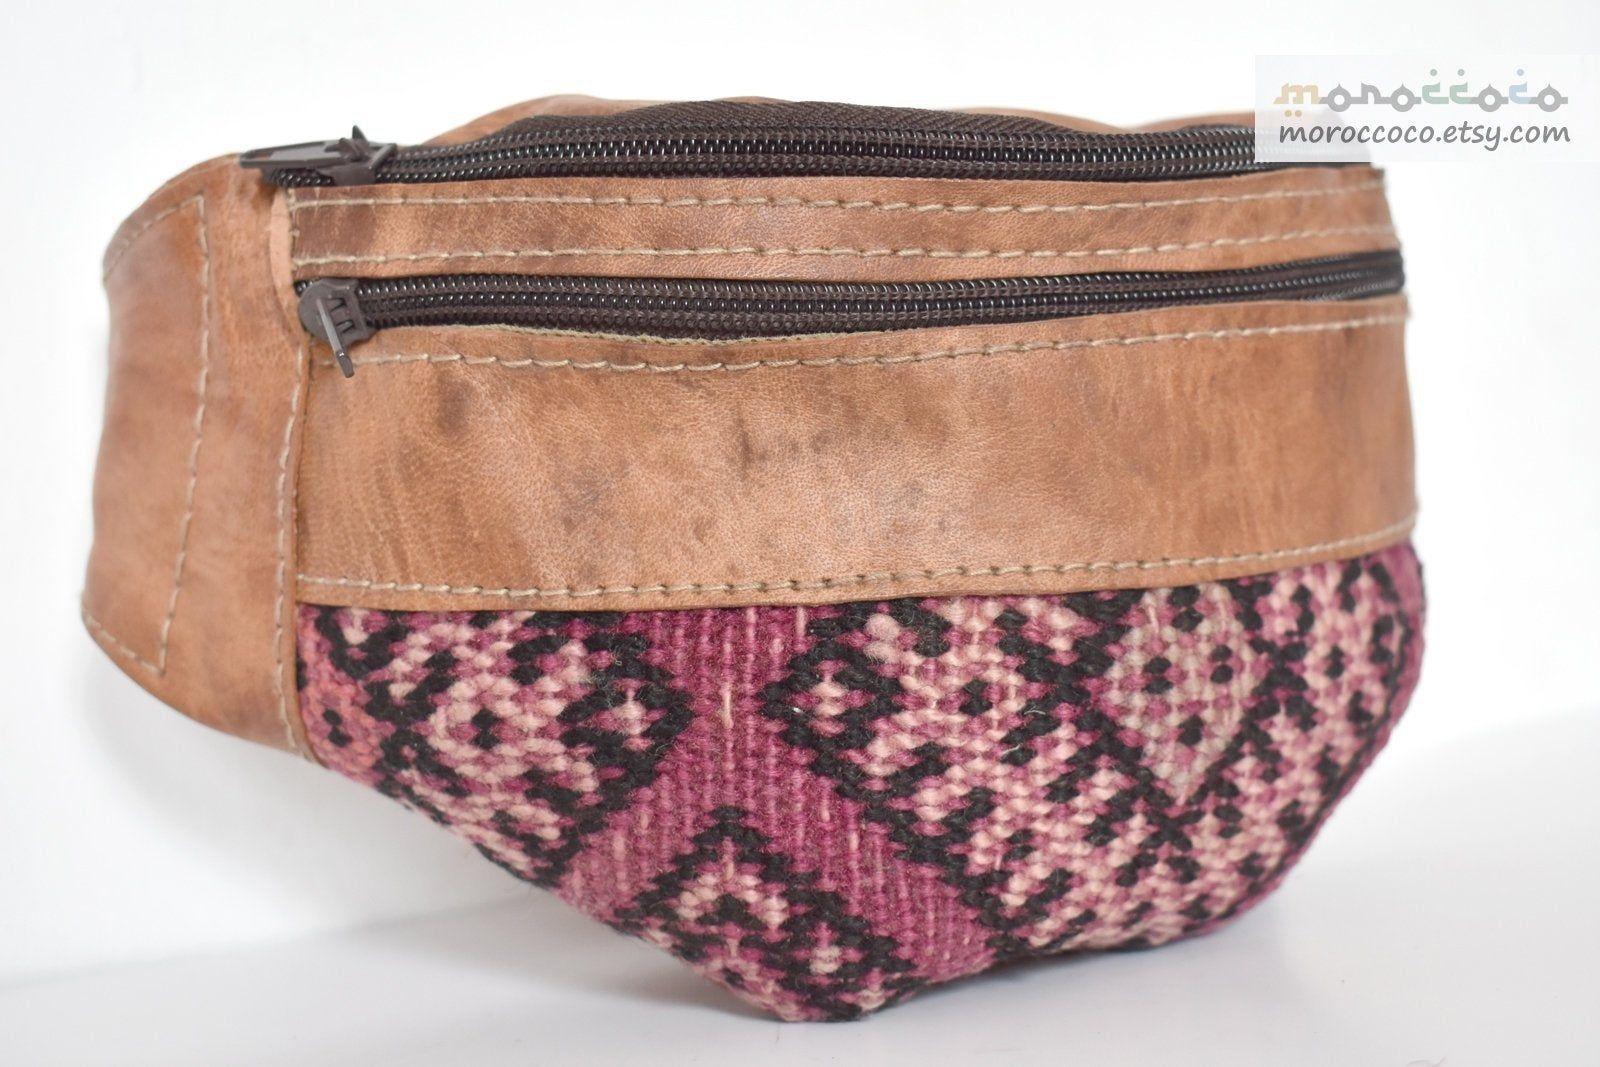 Bolso kilim de cuero, diseño único Kilim, bolso hecho a mano